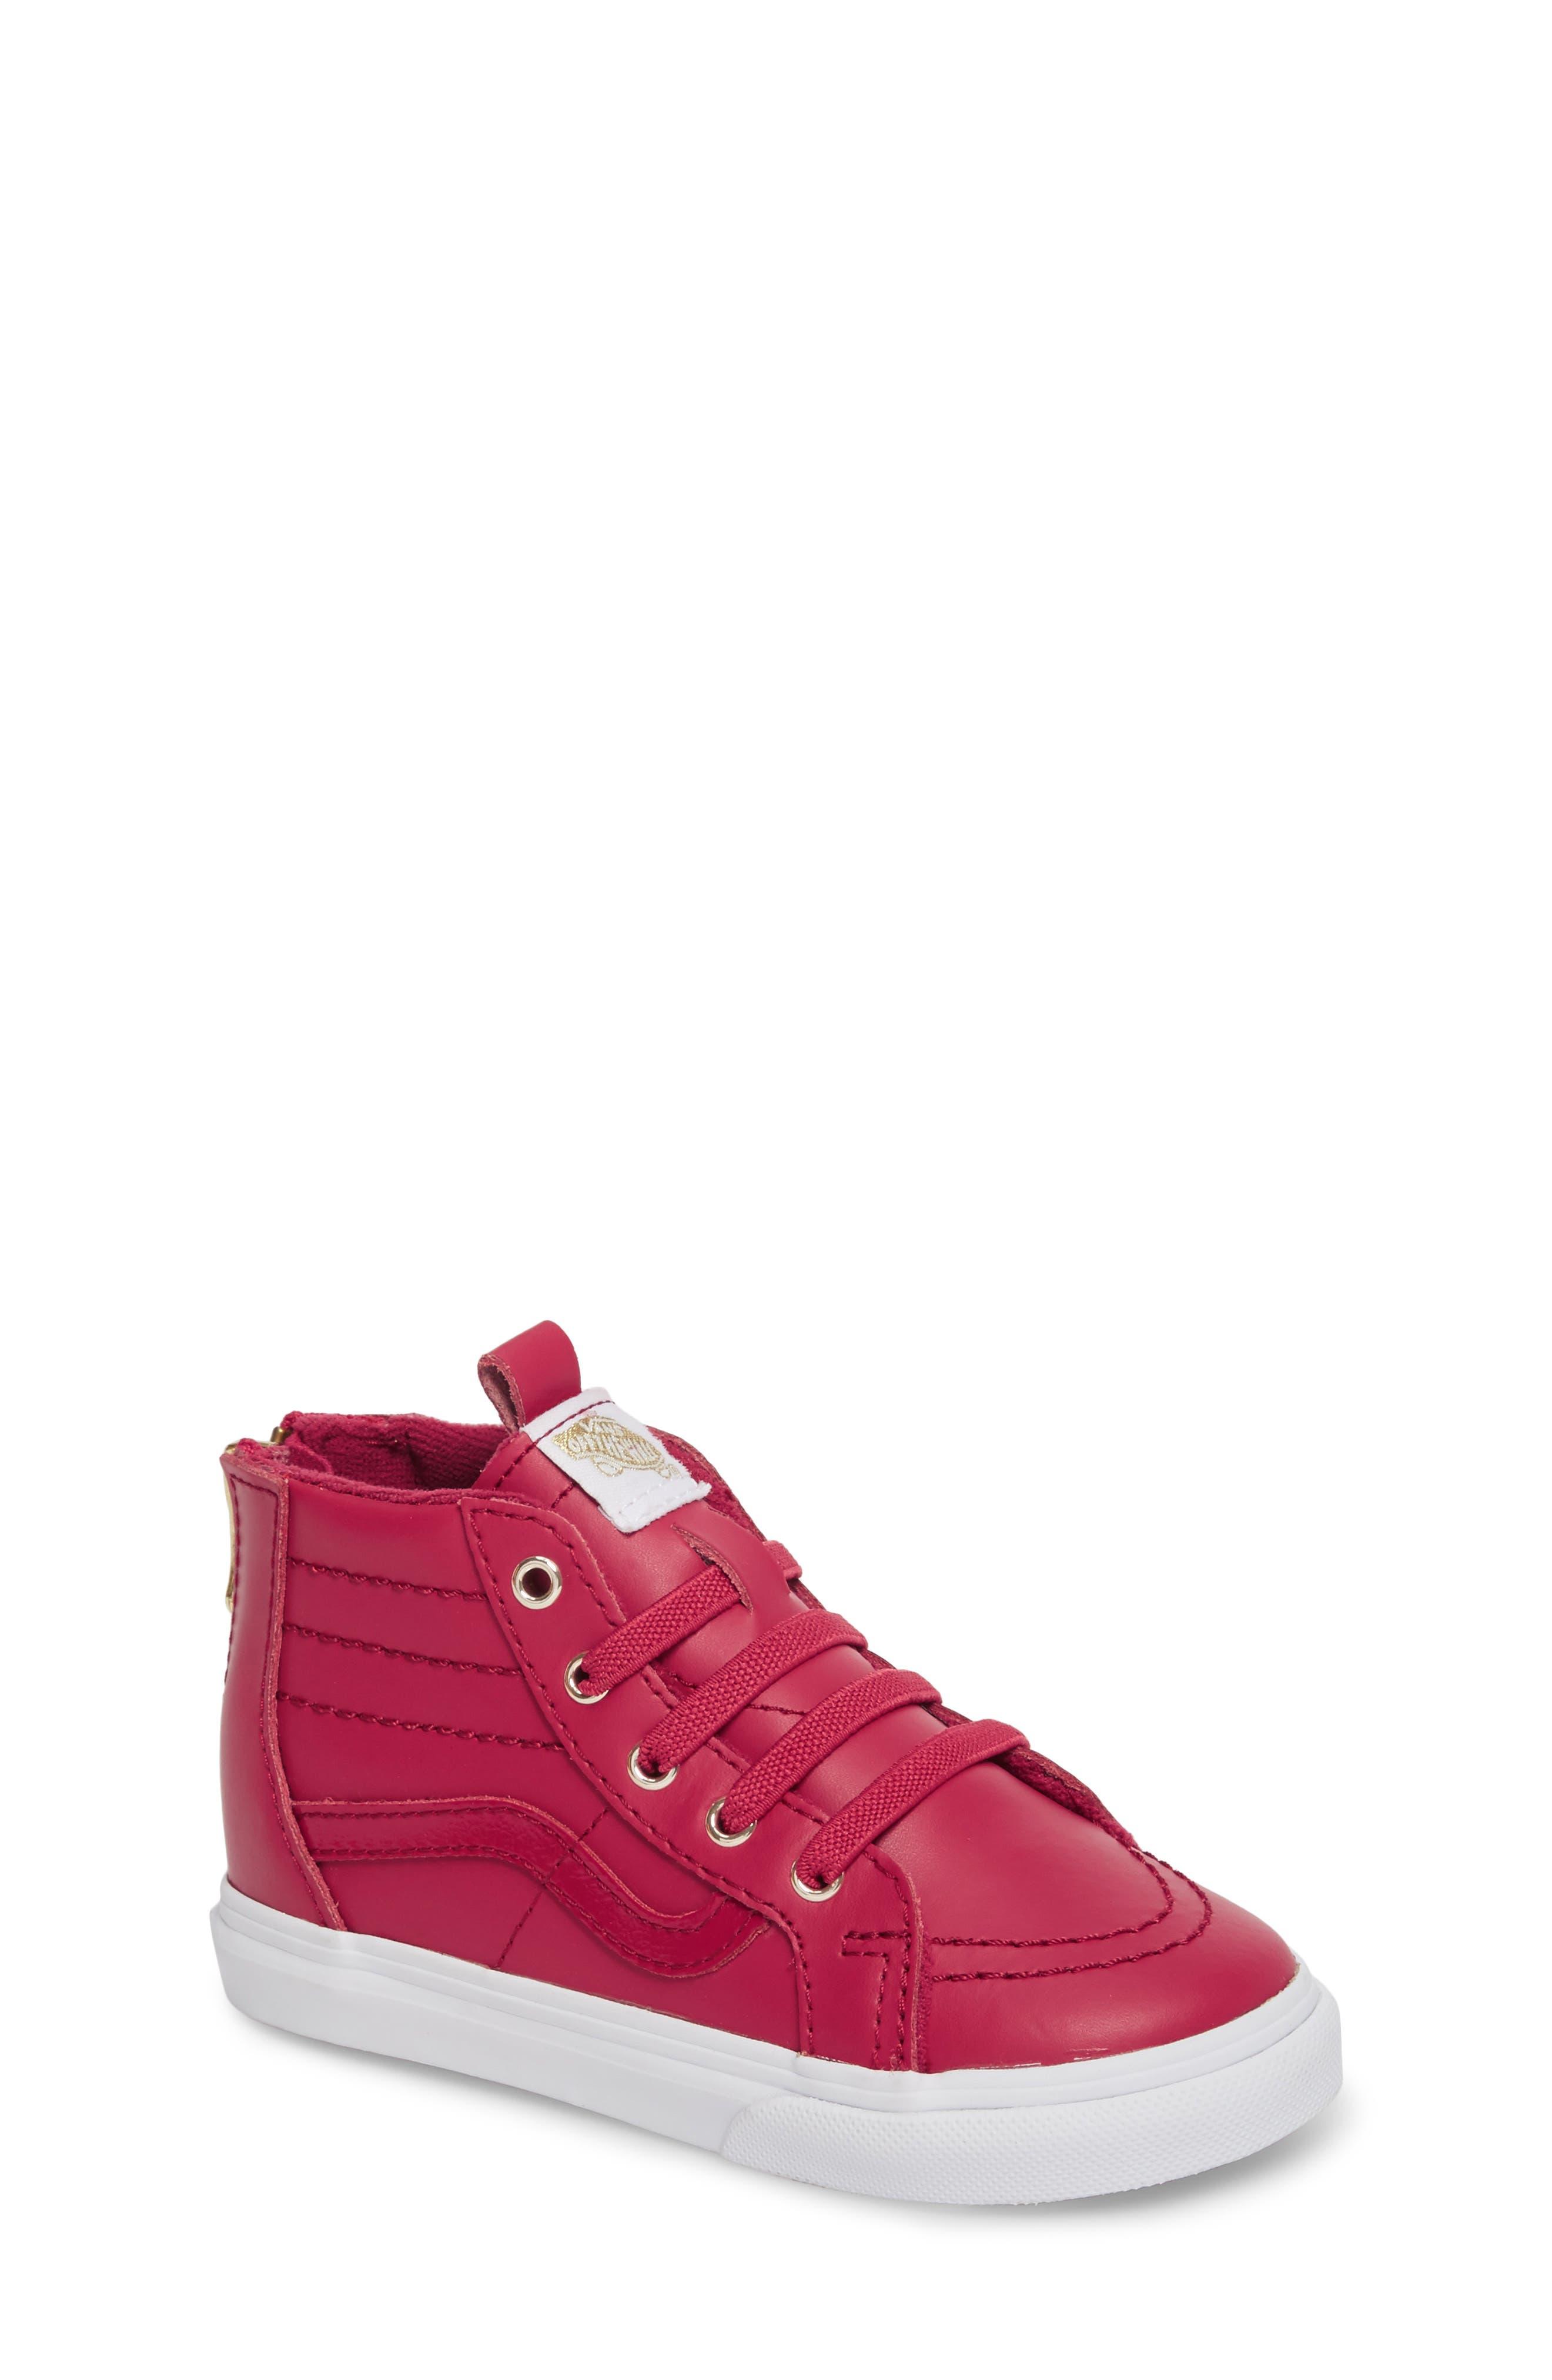 SK8-Hi Zip Sneaker,                             Main thumbnail 1, color,                             Persian Red/ Gold